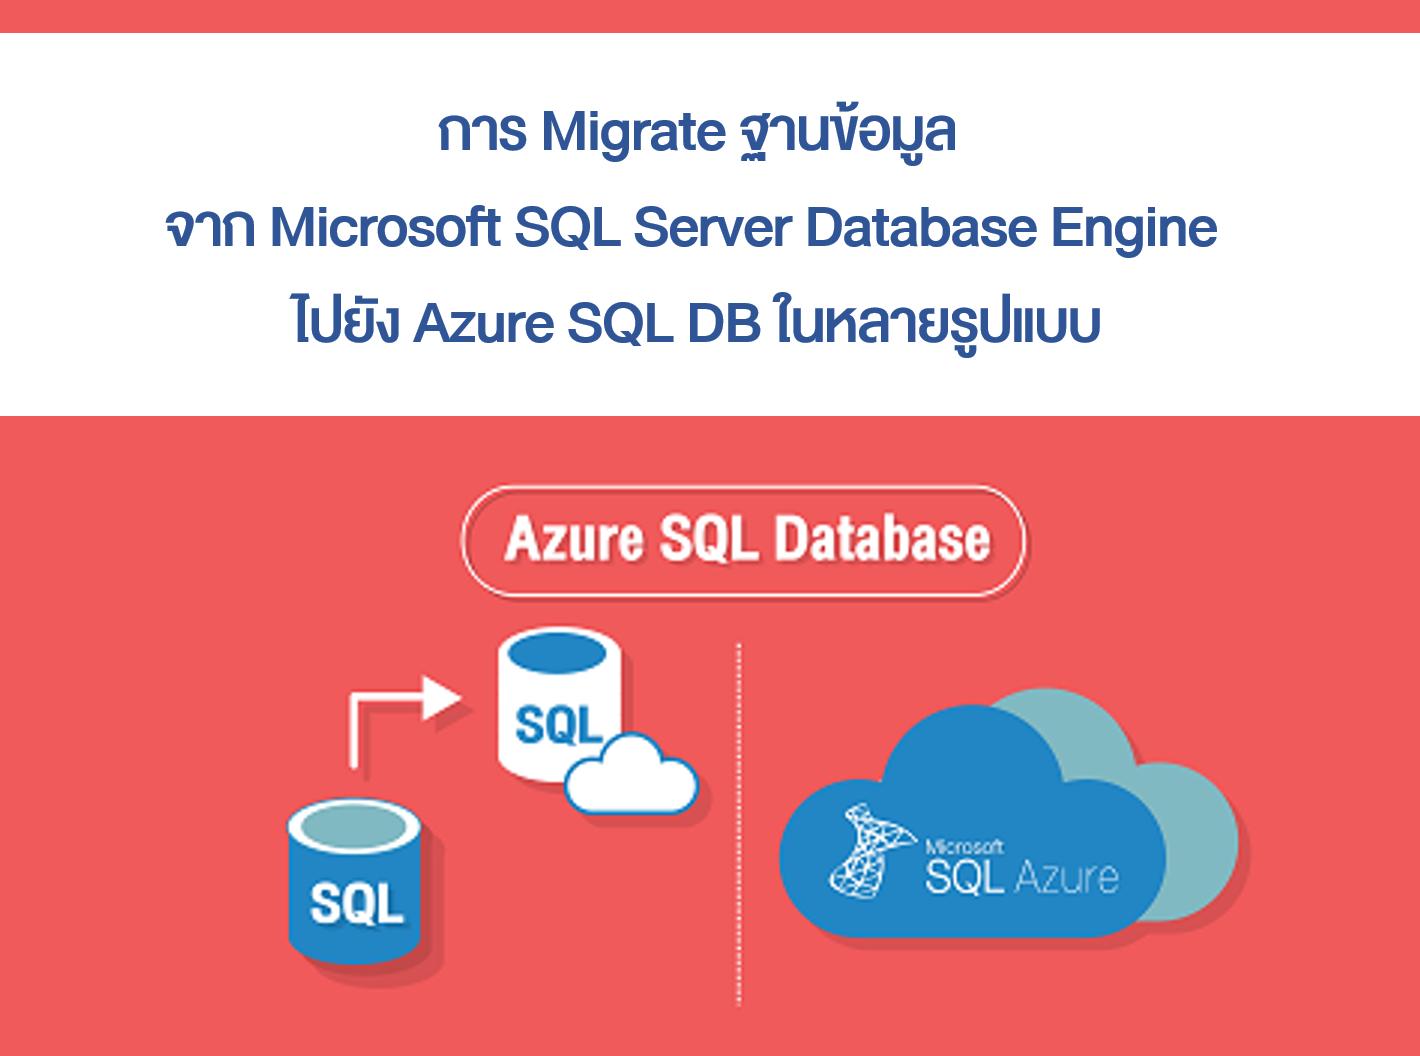 หน้าปกบทความ การ Migrate ฐานข้อมูลจาก Microsoft SQL Server Database Engine ไปยัง Azure SQL DB ในหลายรูปแบบ